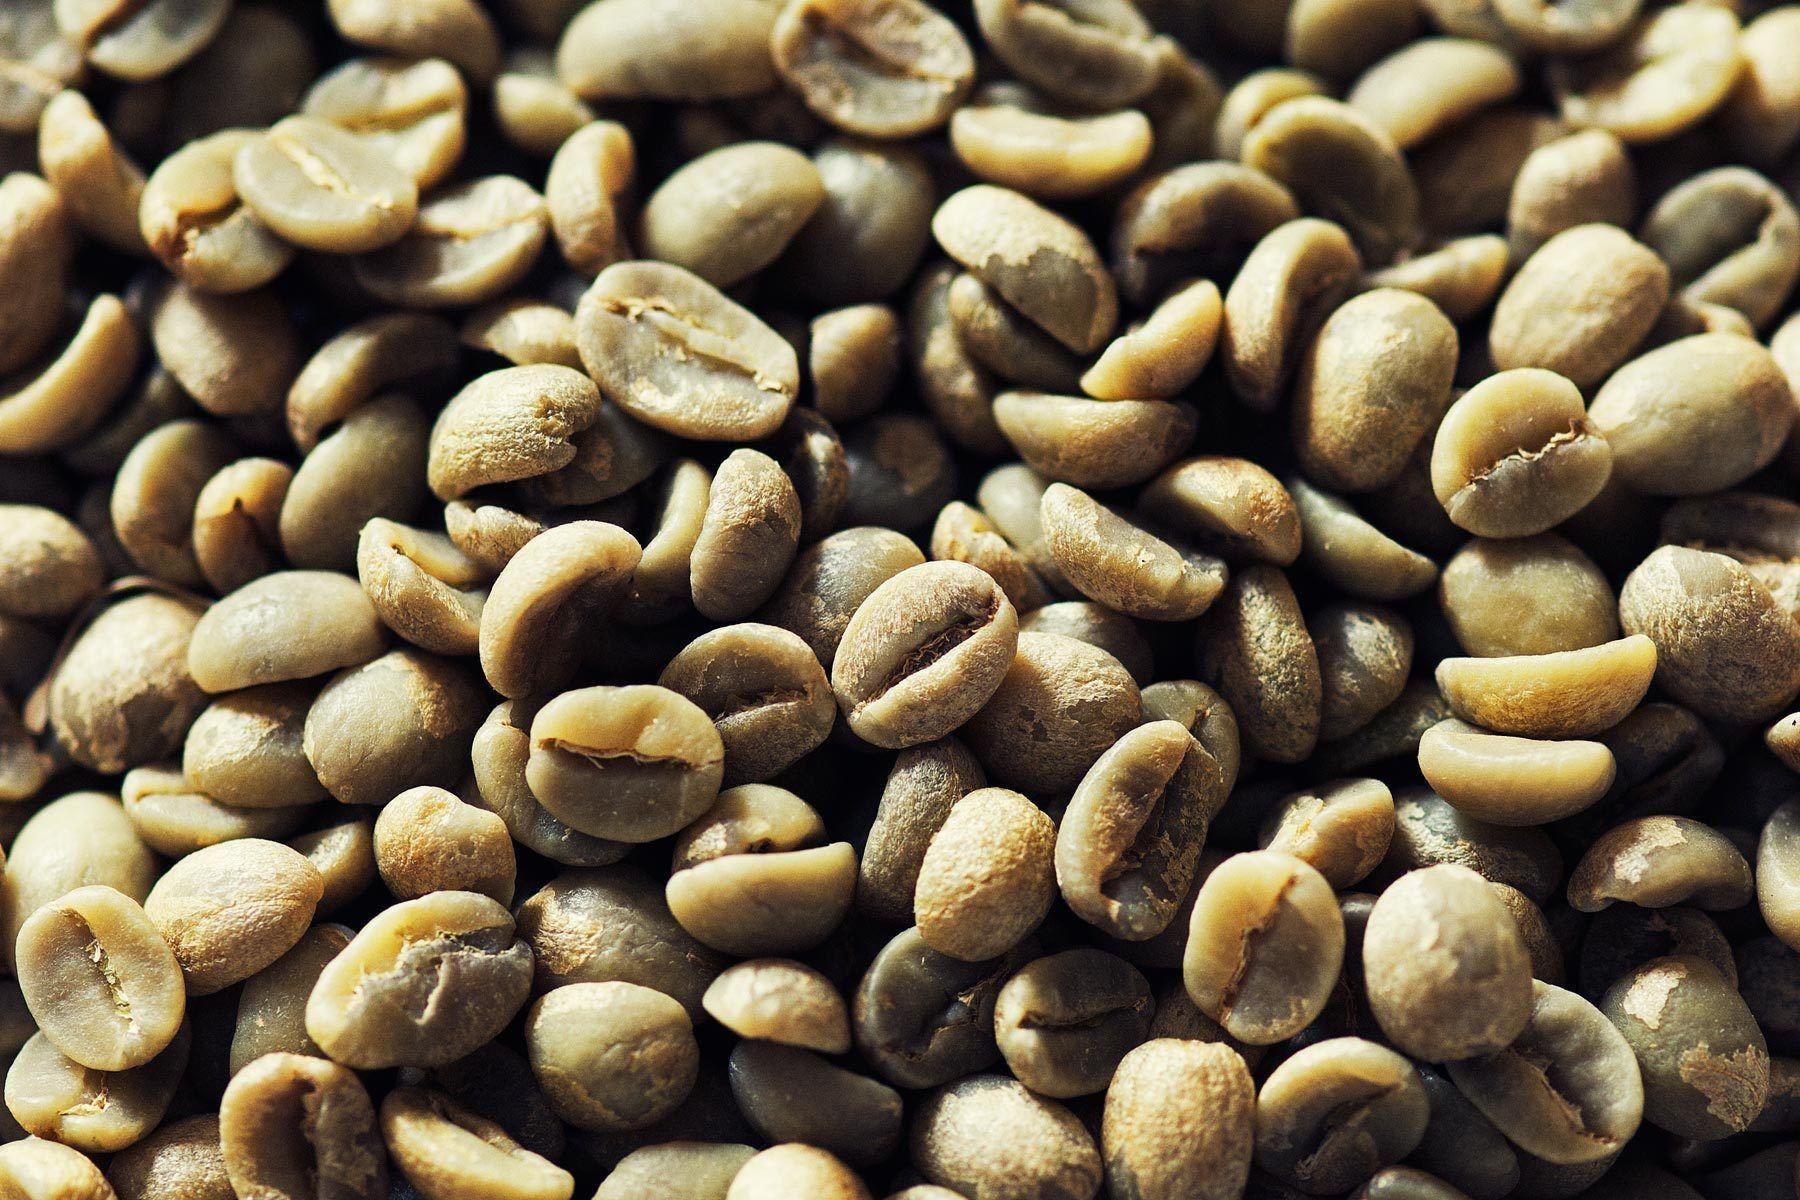 FANOS Ethiopia Tours arrange a Coffee Tour in Ethiopia